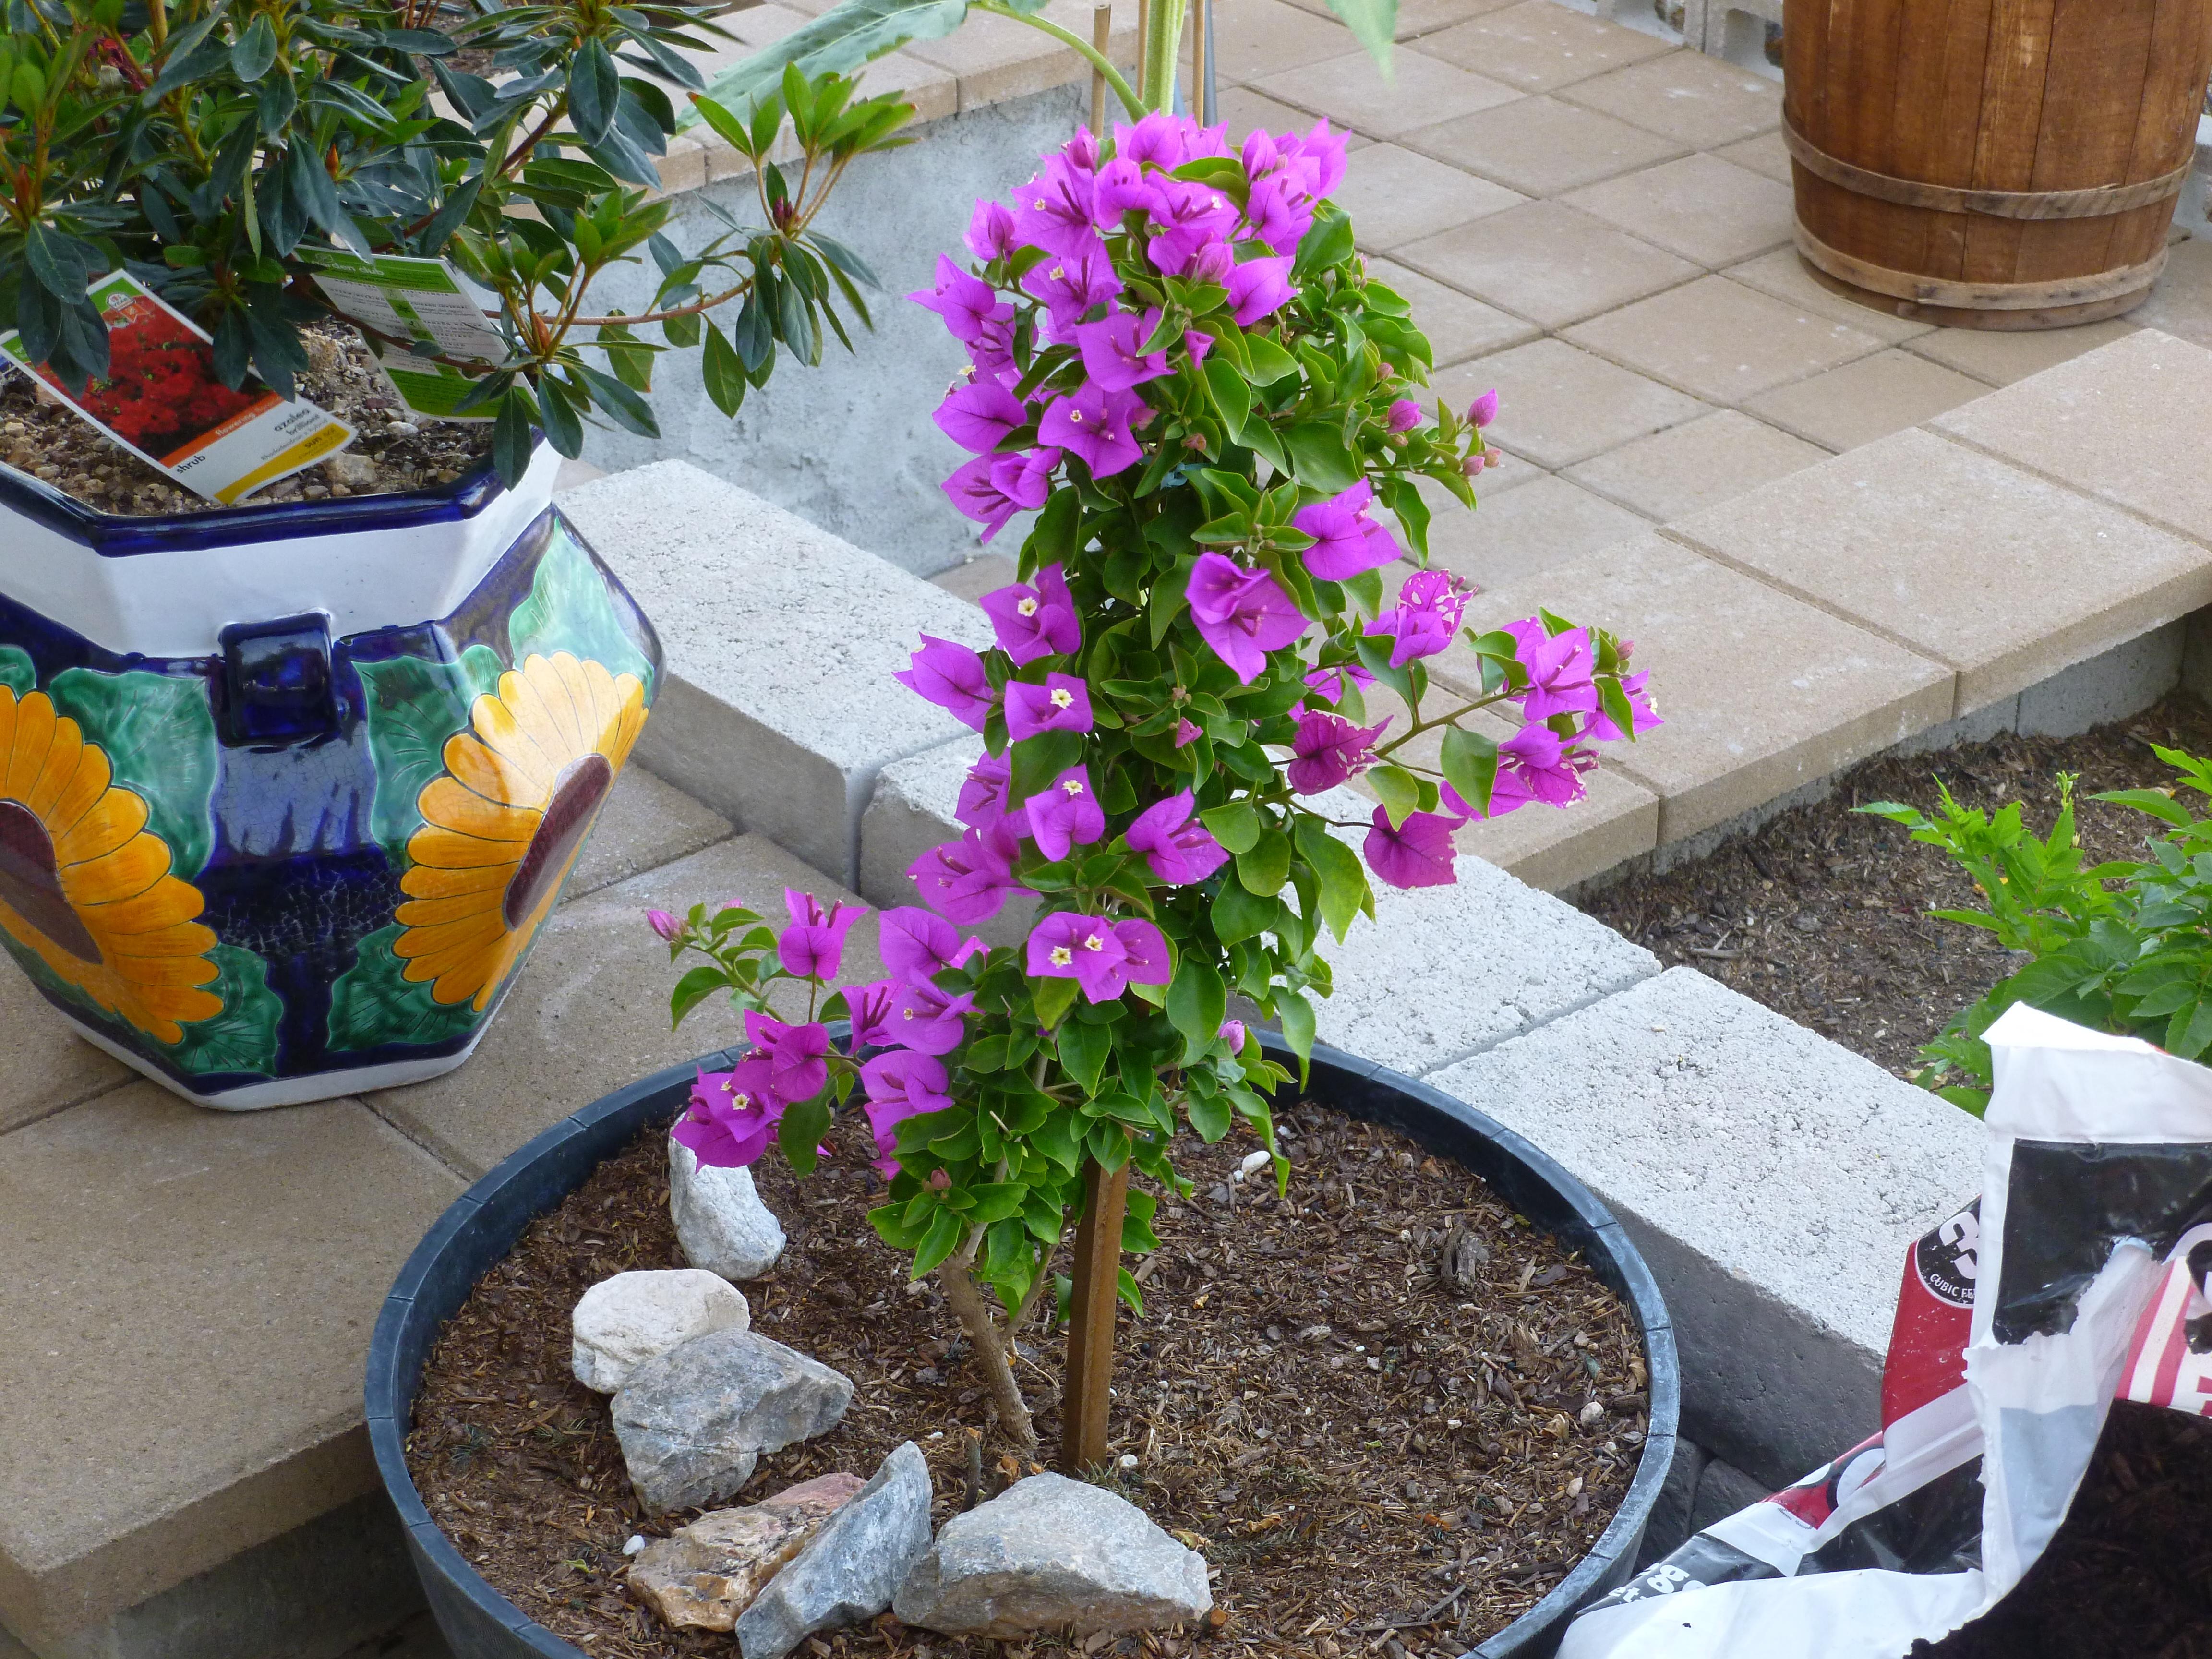 pics for gt white bougainvillea in pots